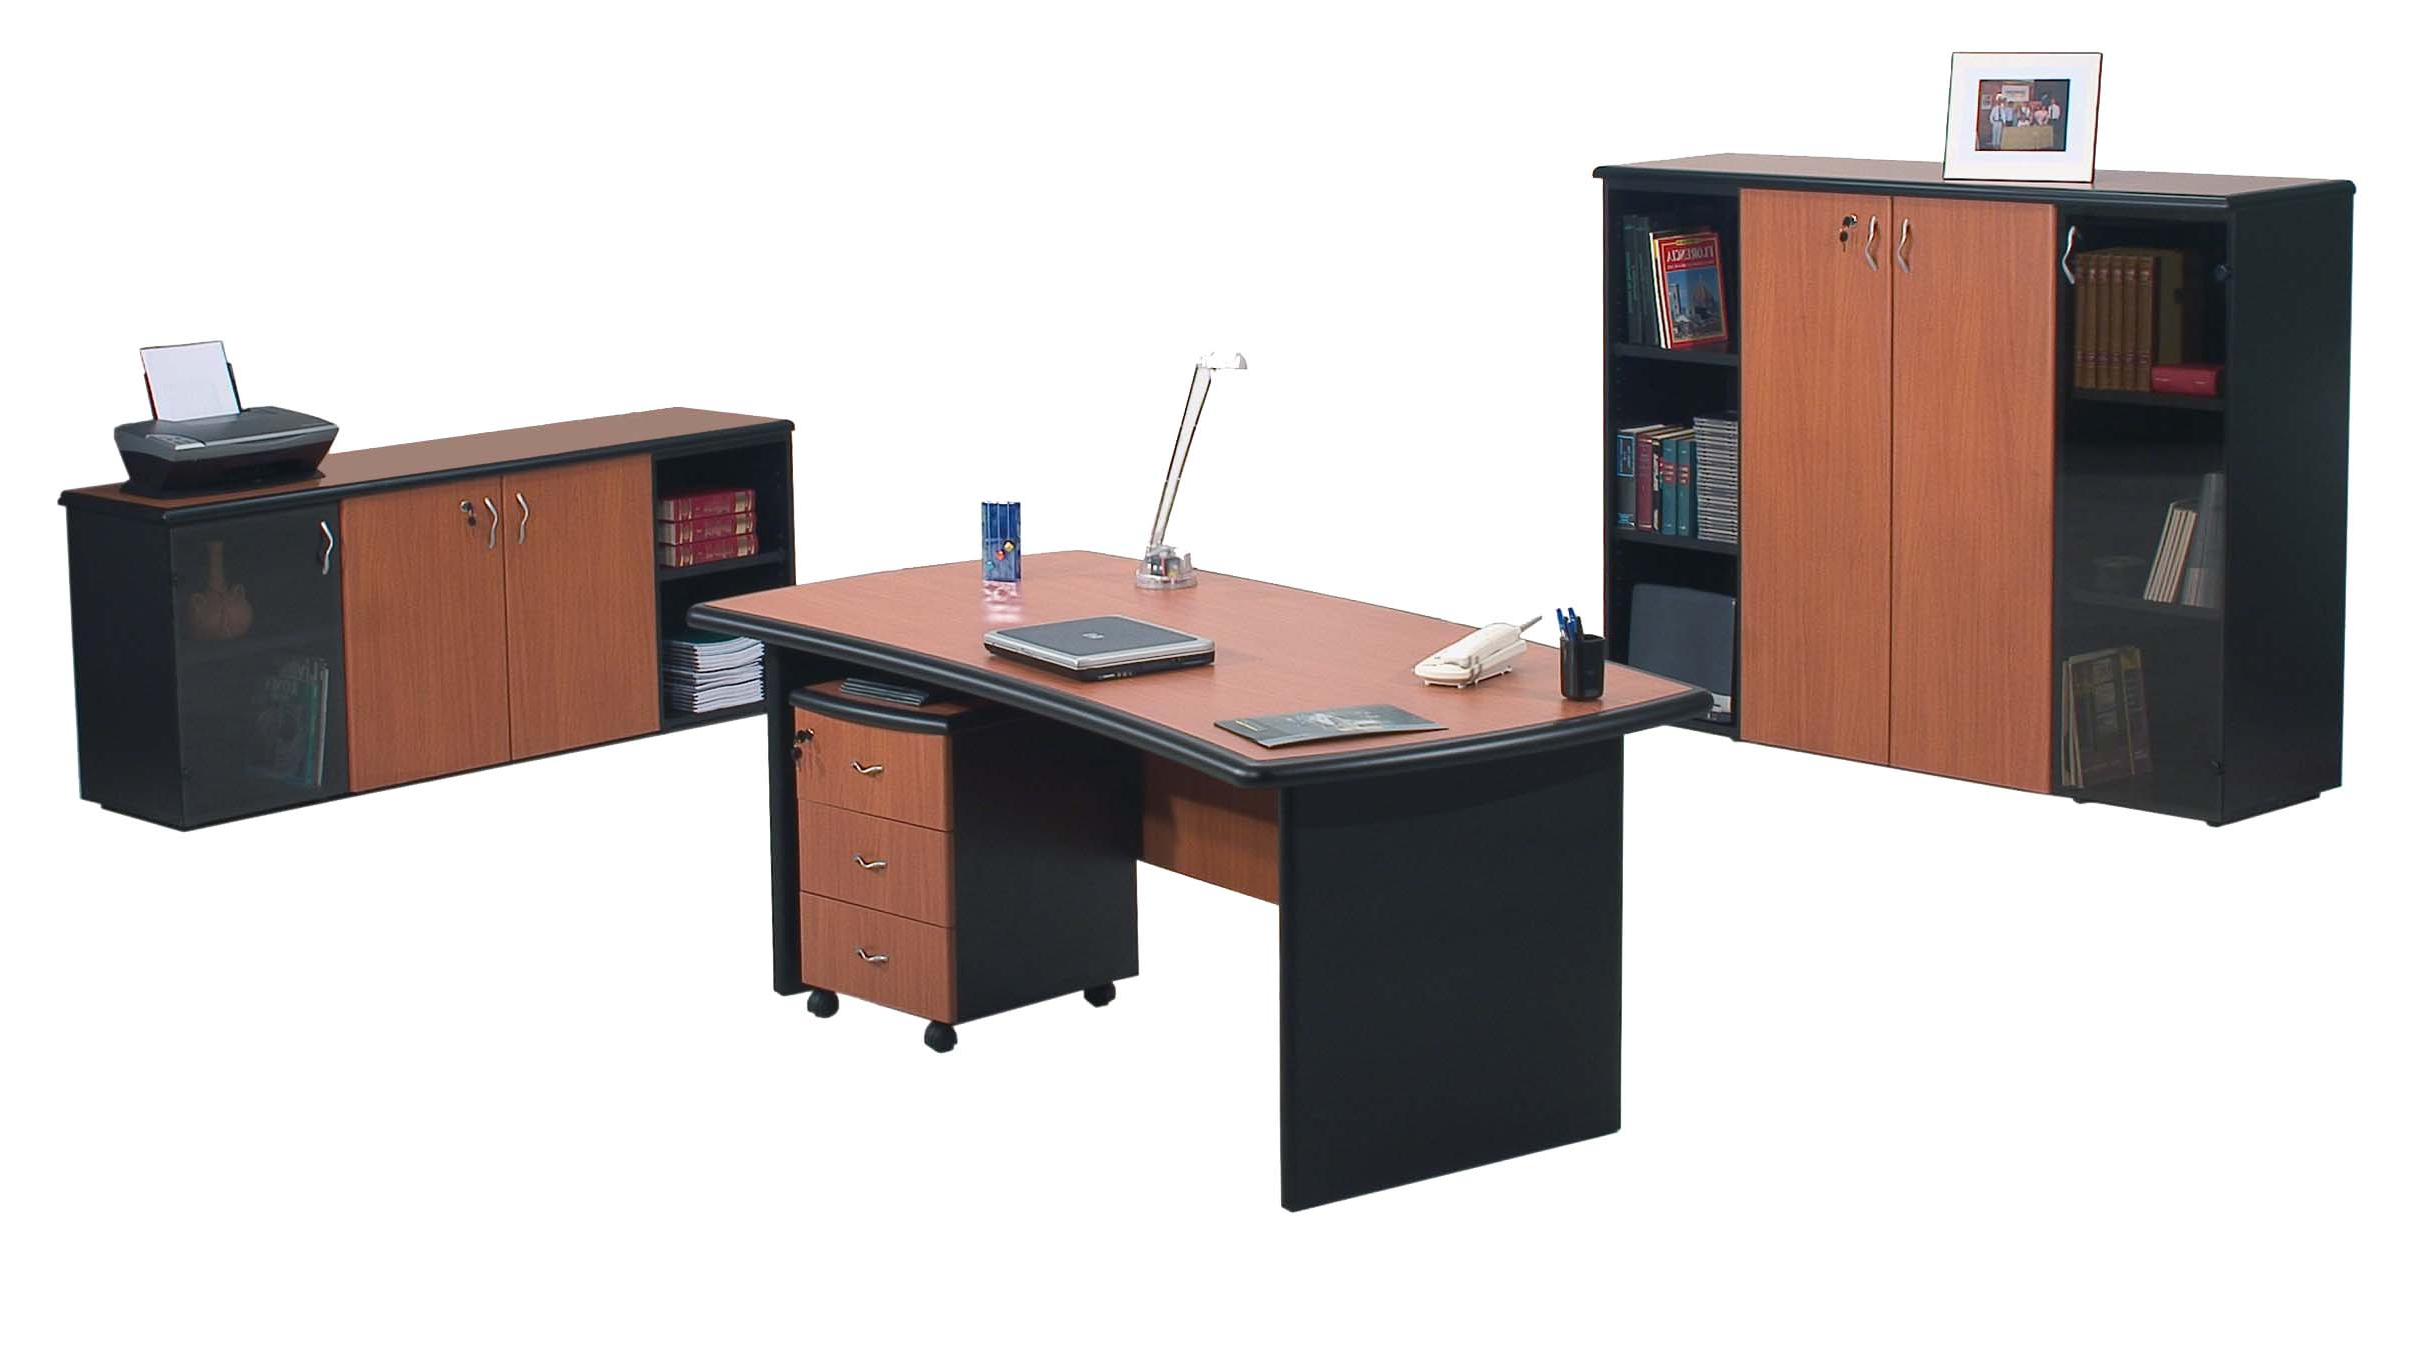 Mobiliario De Oficina Segunda Mano Drdp Mobiliario De Oficina Segunda Mano Estilo Ingles Barato Sevilla